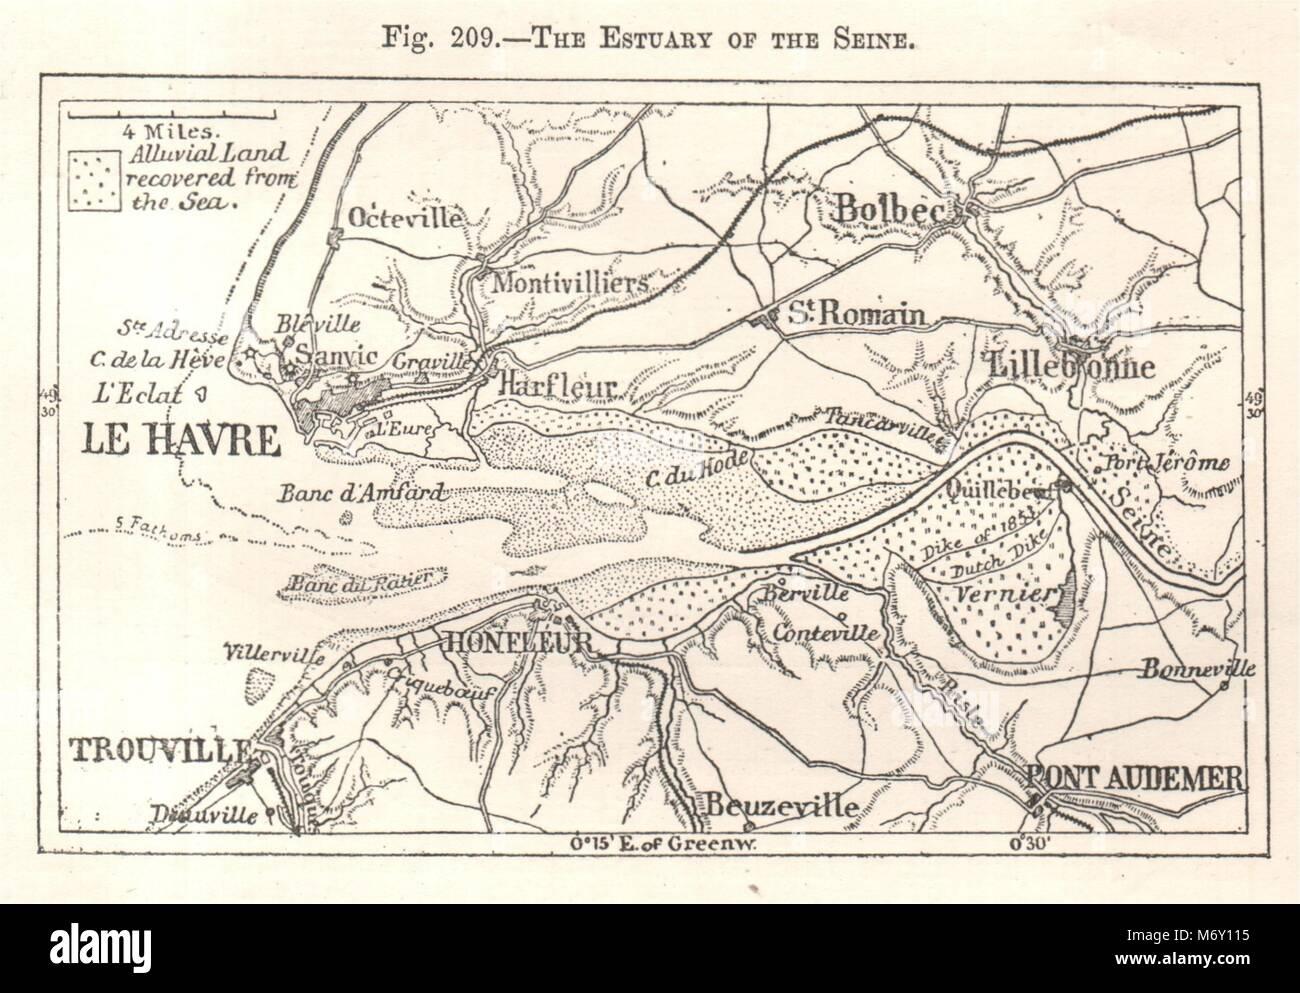 Pont de l/'Arche-Rouen-Honfluer-Le Havre Eure Seine-Maritime 1905 map LA SEINE